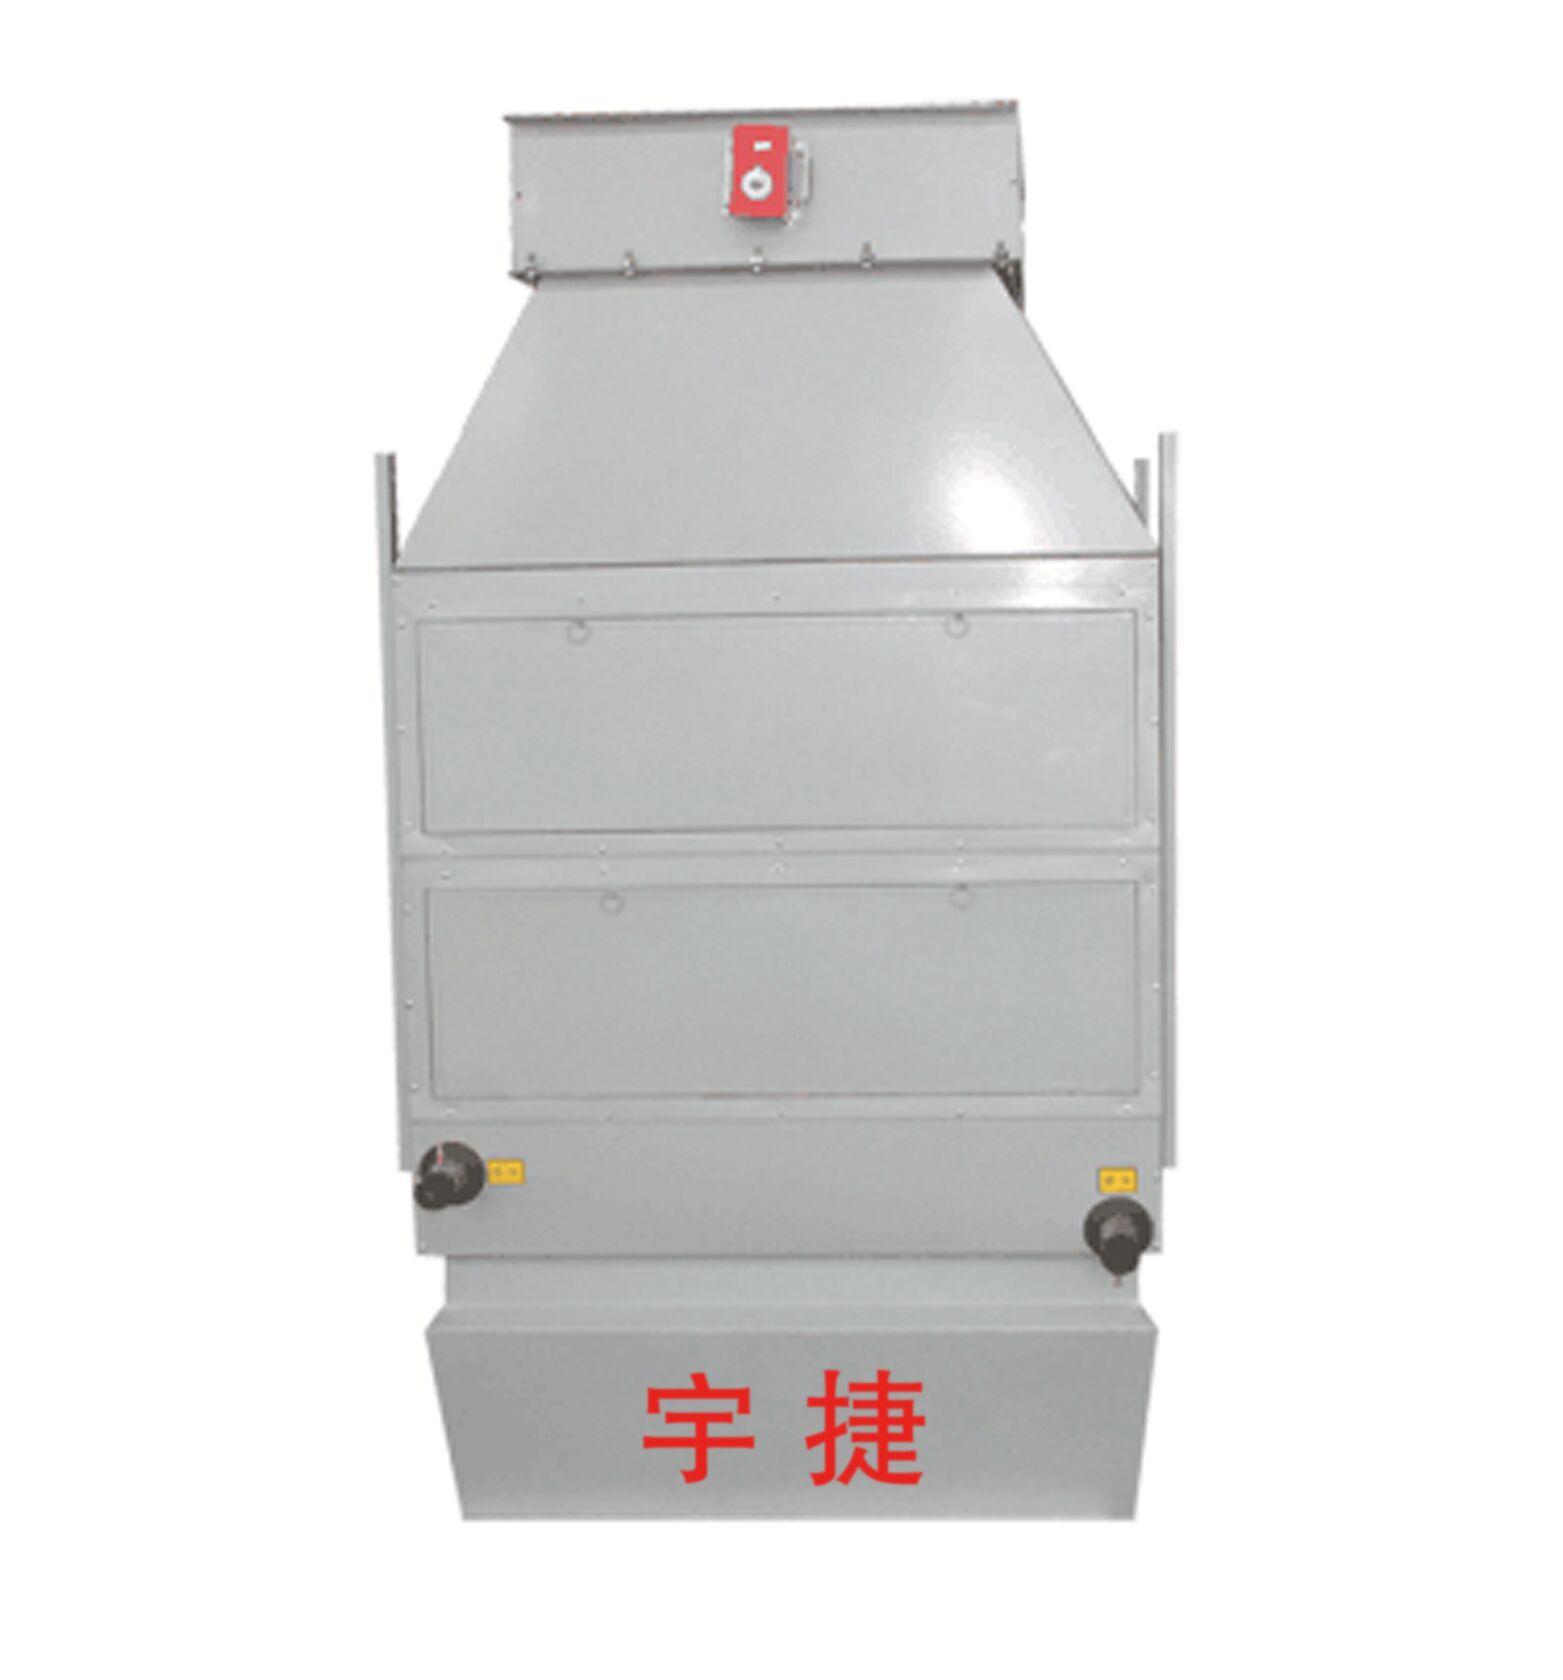 YJMK-9/C/D型带有新风/混风/循环加热/制冷功能的空气处理单元